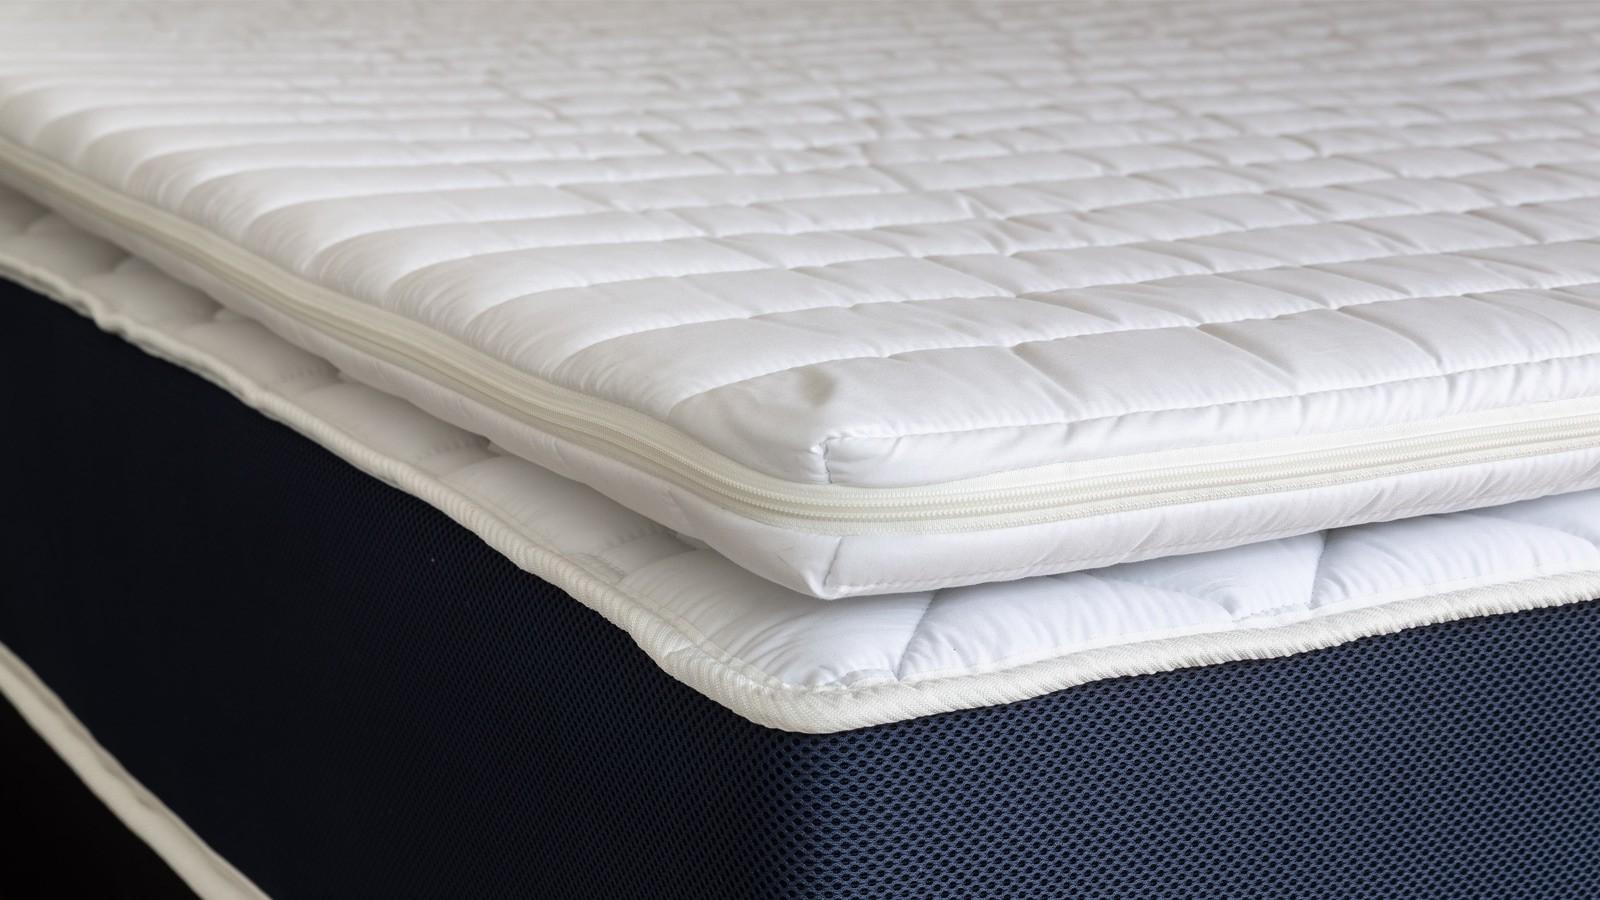 sur matelas dehoussable 160x200 confort plus hbedding mousse polyurethane